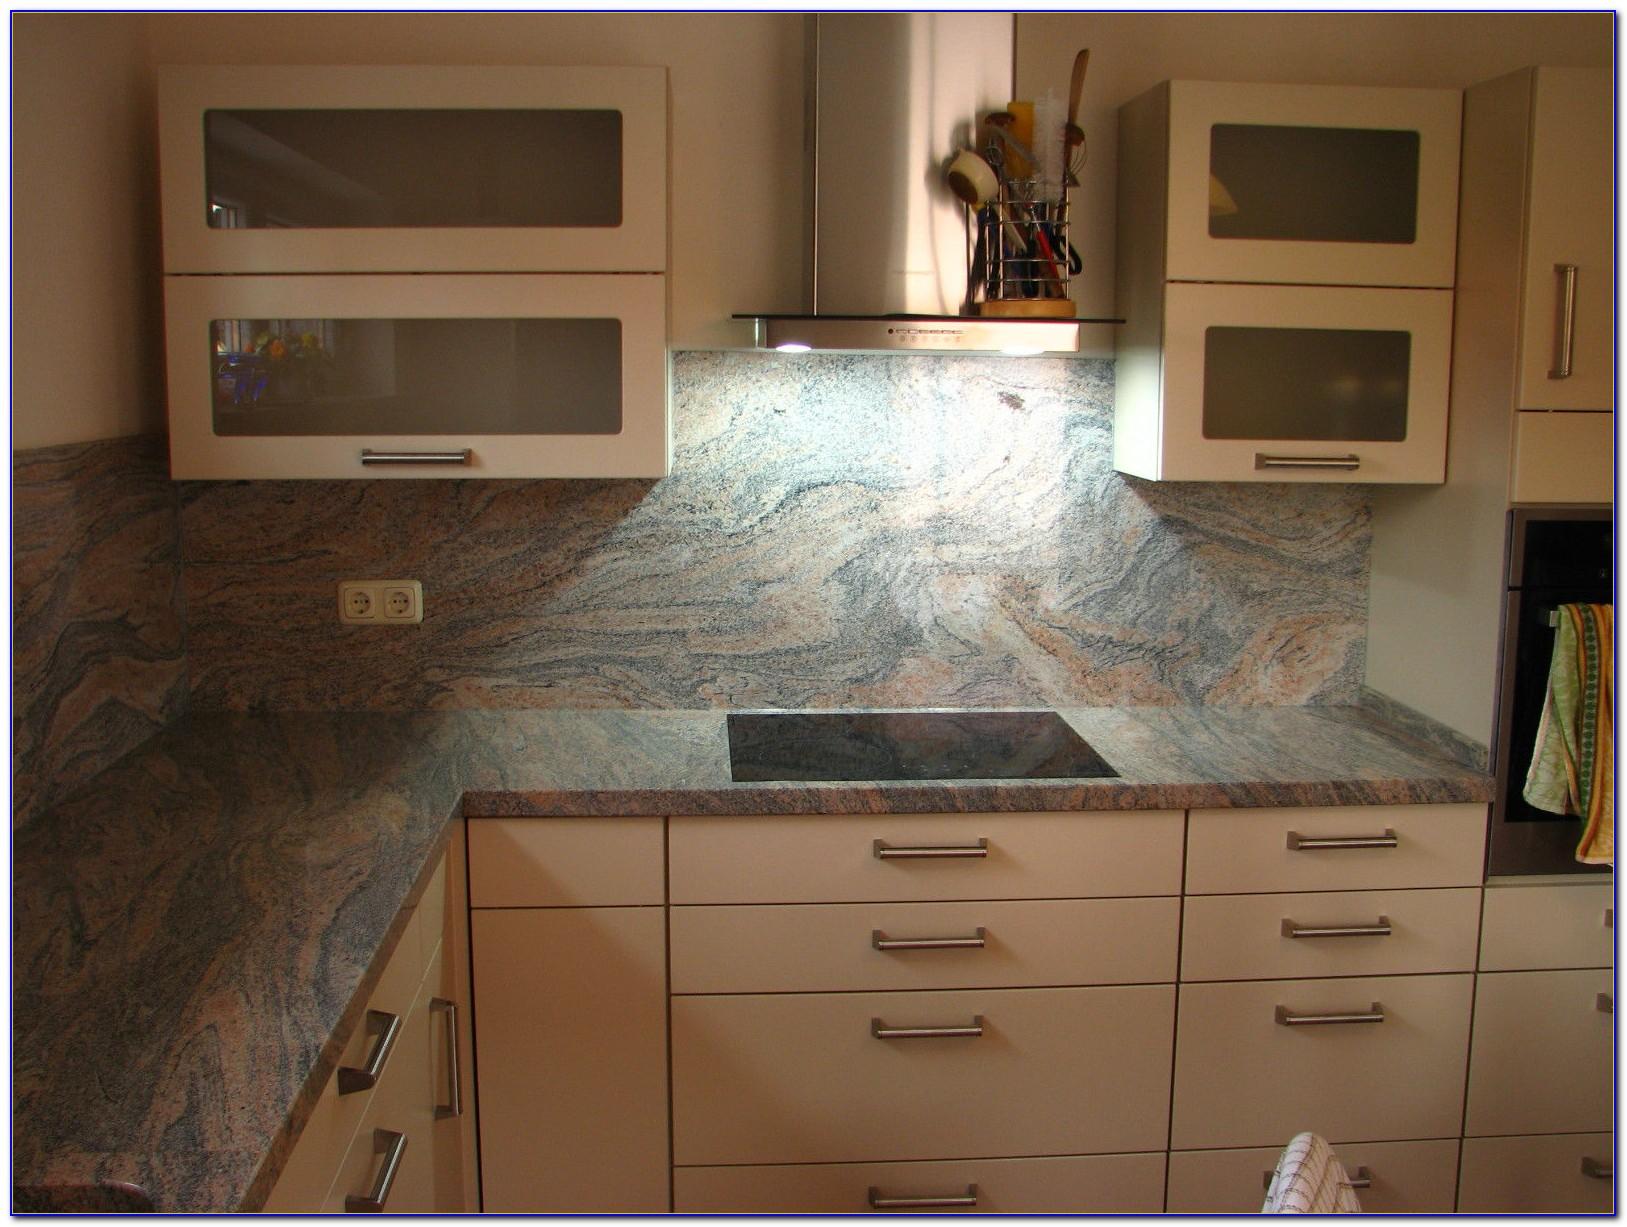 Full Size of Arbeitsplatte Betonoptik Ikea Miniküche Küche Betten Bei Kosten Arbeitsplatten Sideboard Mit 160x200 Kaufen Sofa Schlaffunktion Bad Modulküche Wohnzimmer Arbeitsplatte Betonoptik Ikea